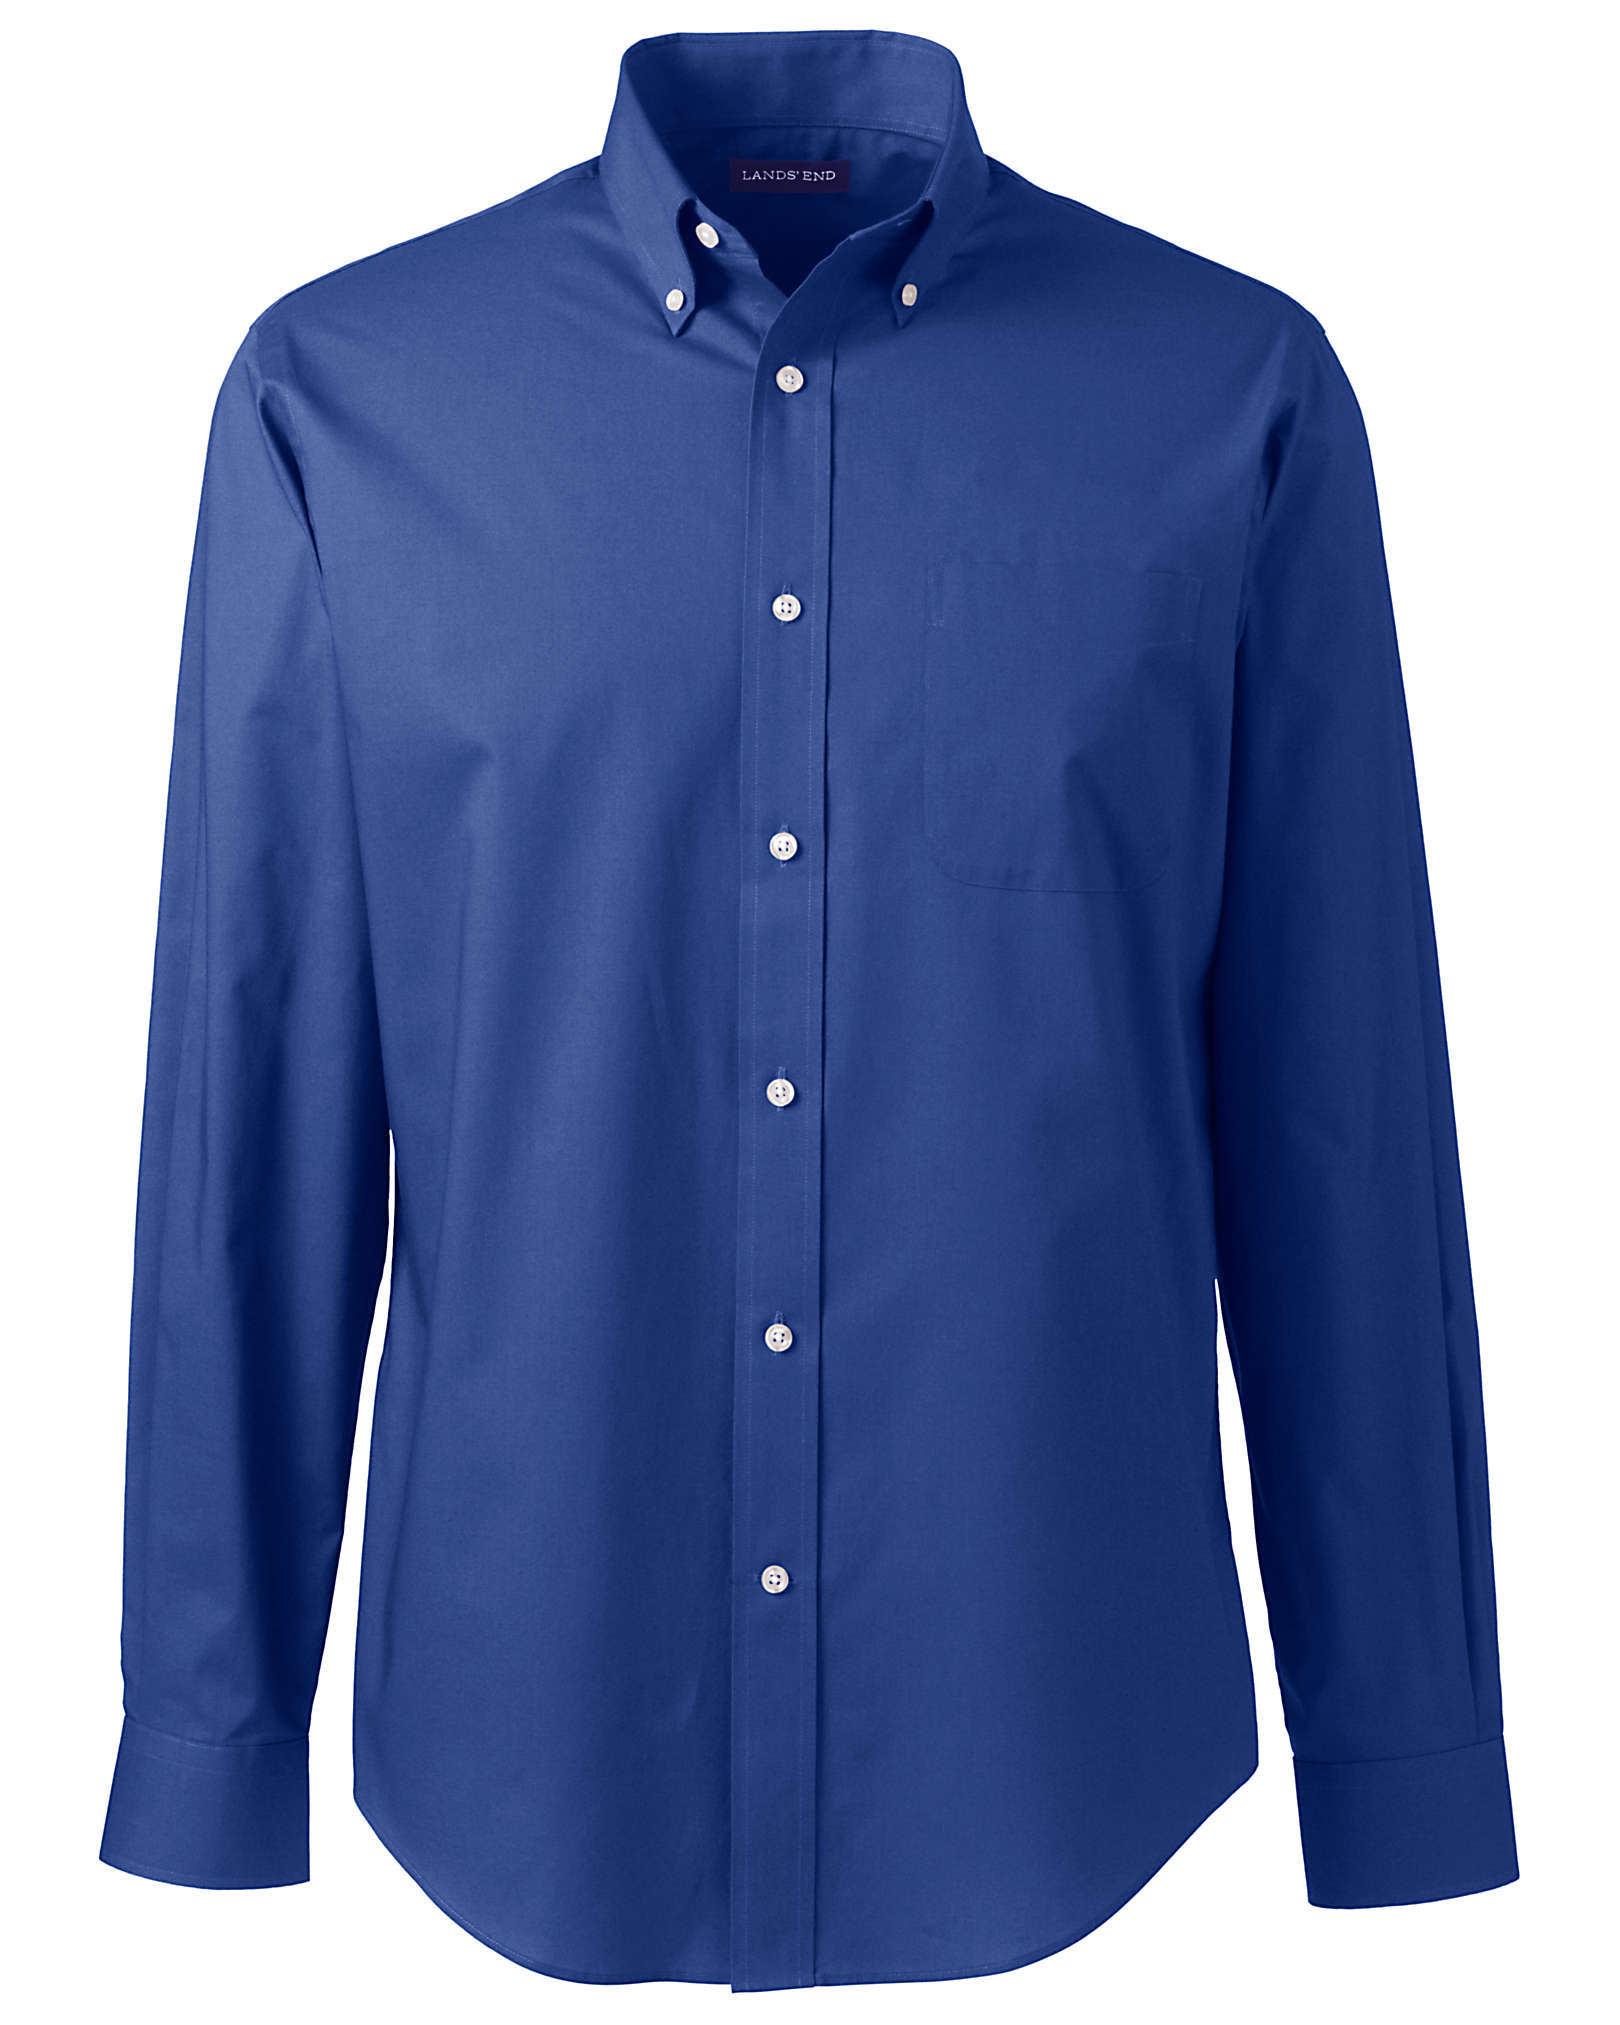 Lands' End Men's Long Sleeve Poplin Shirt